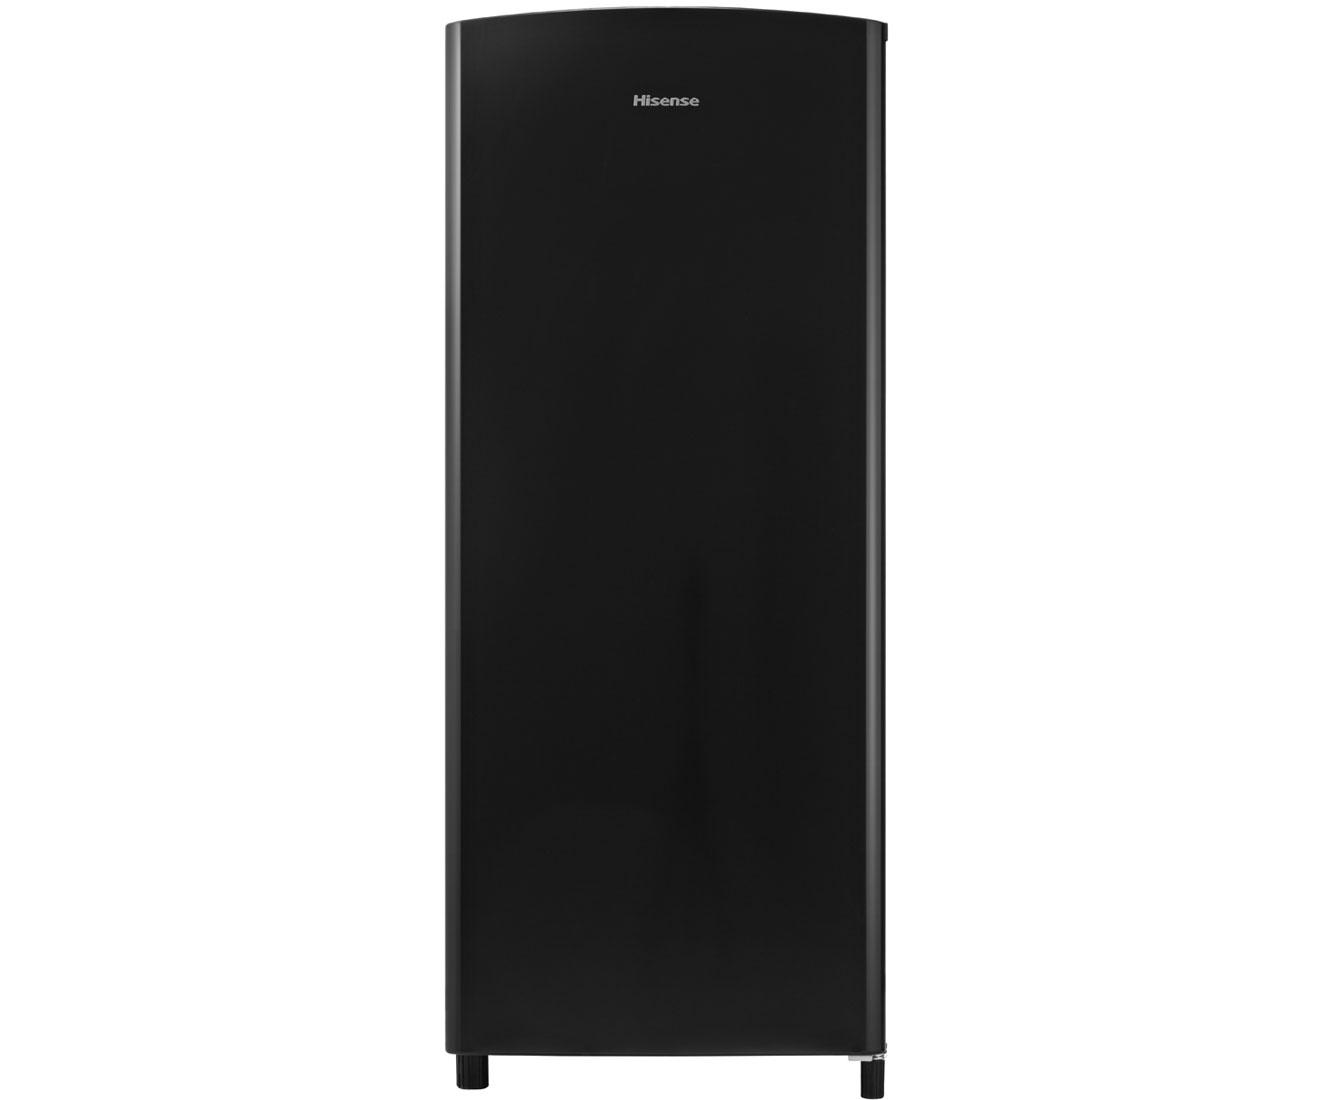 Kühlschrank Schwarz : Hisense rr d ab kühlschrank mit gefrierfach schwarz retro